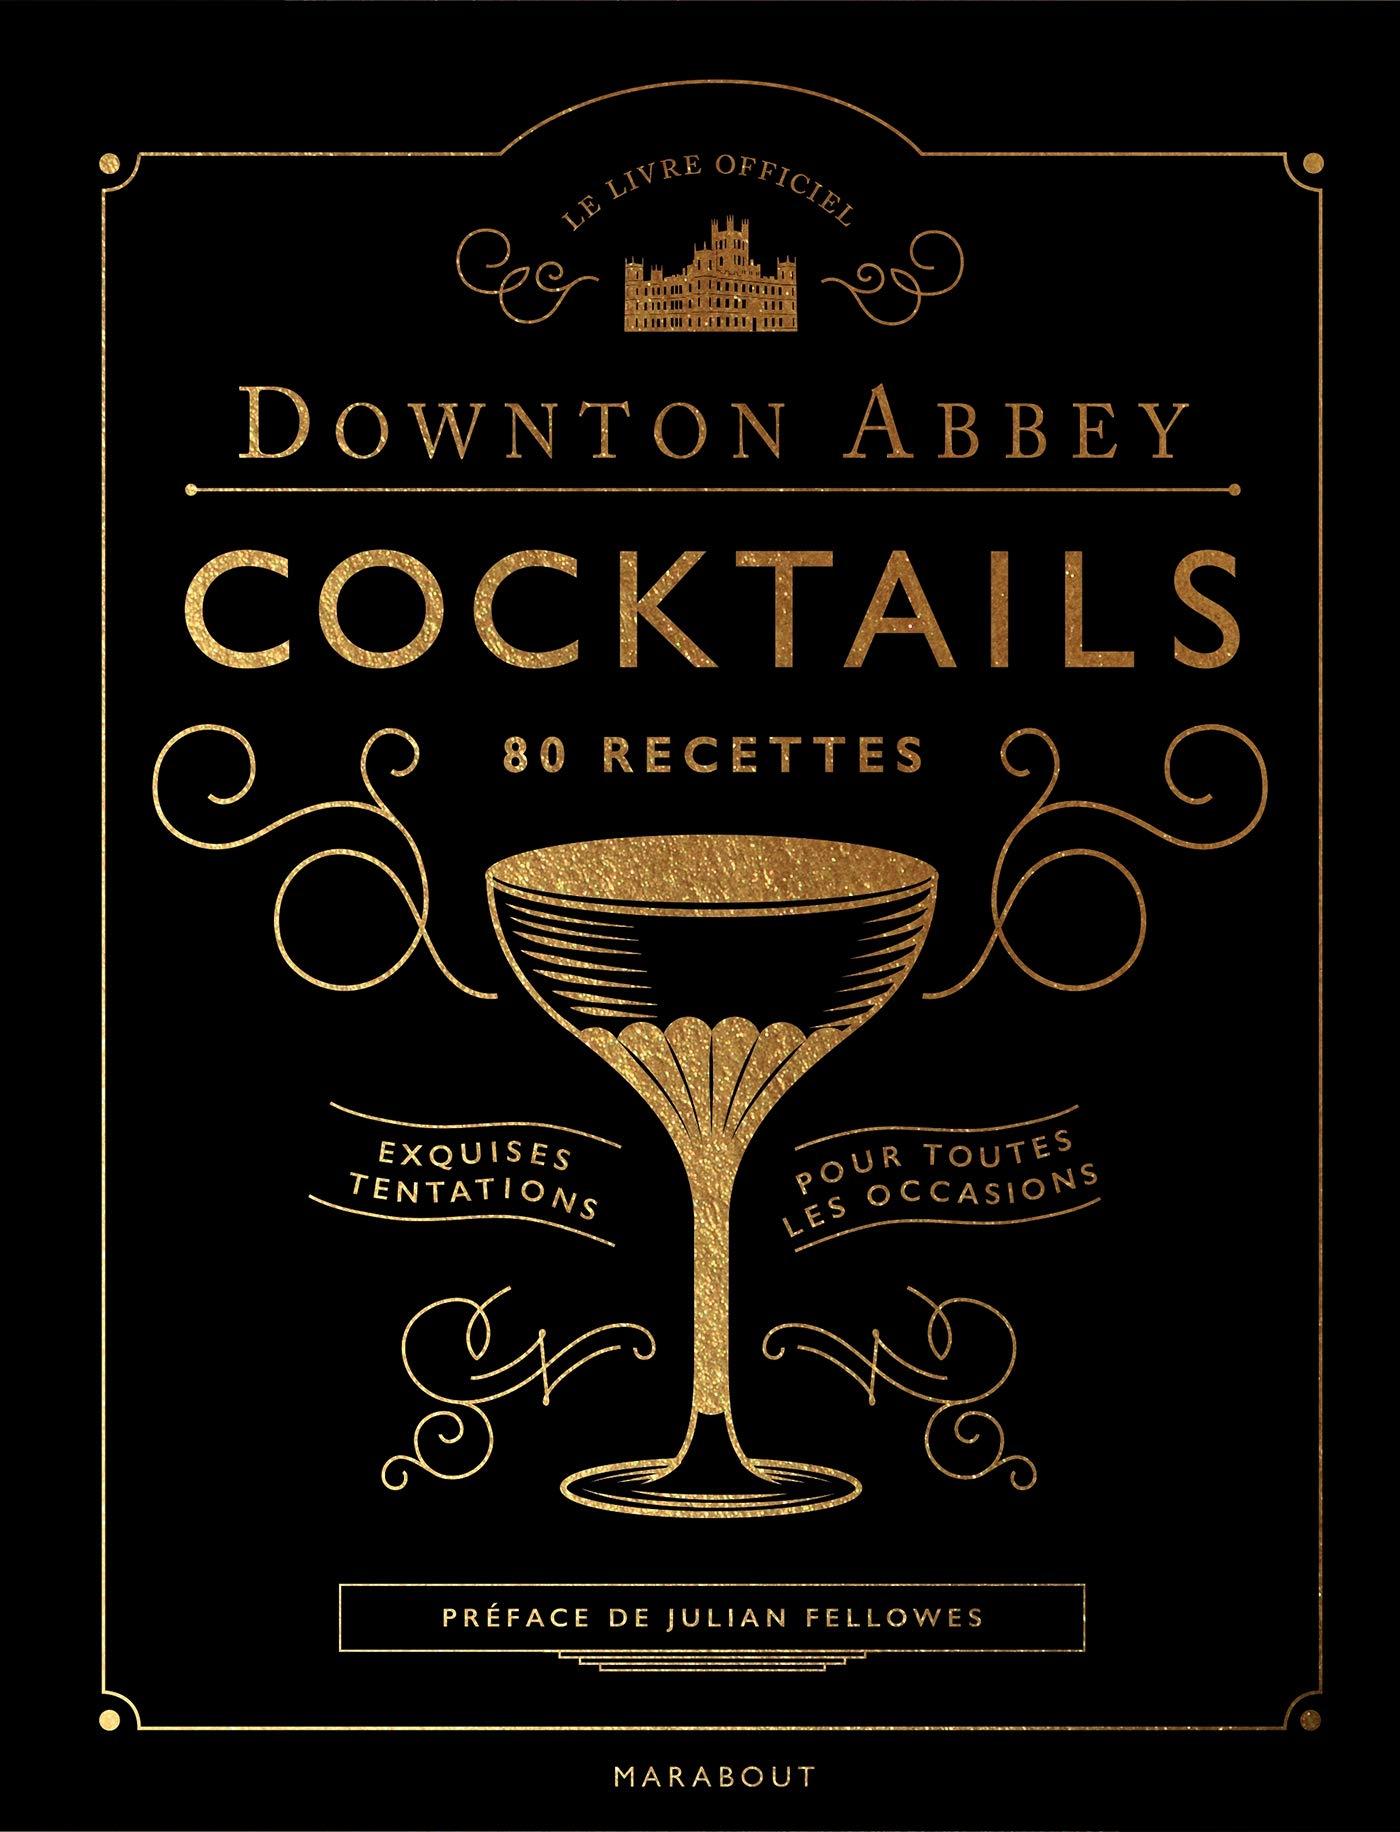 Le livre des cocktails de Downton Abbey: 80 recettes